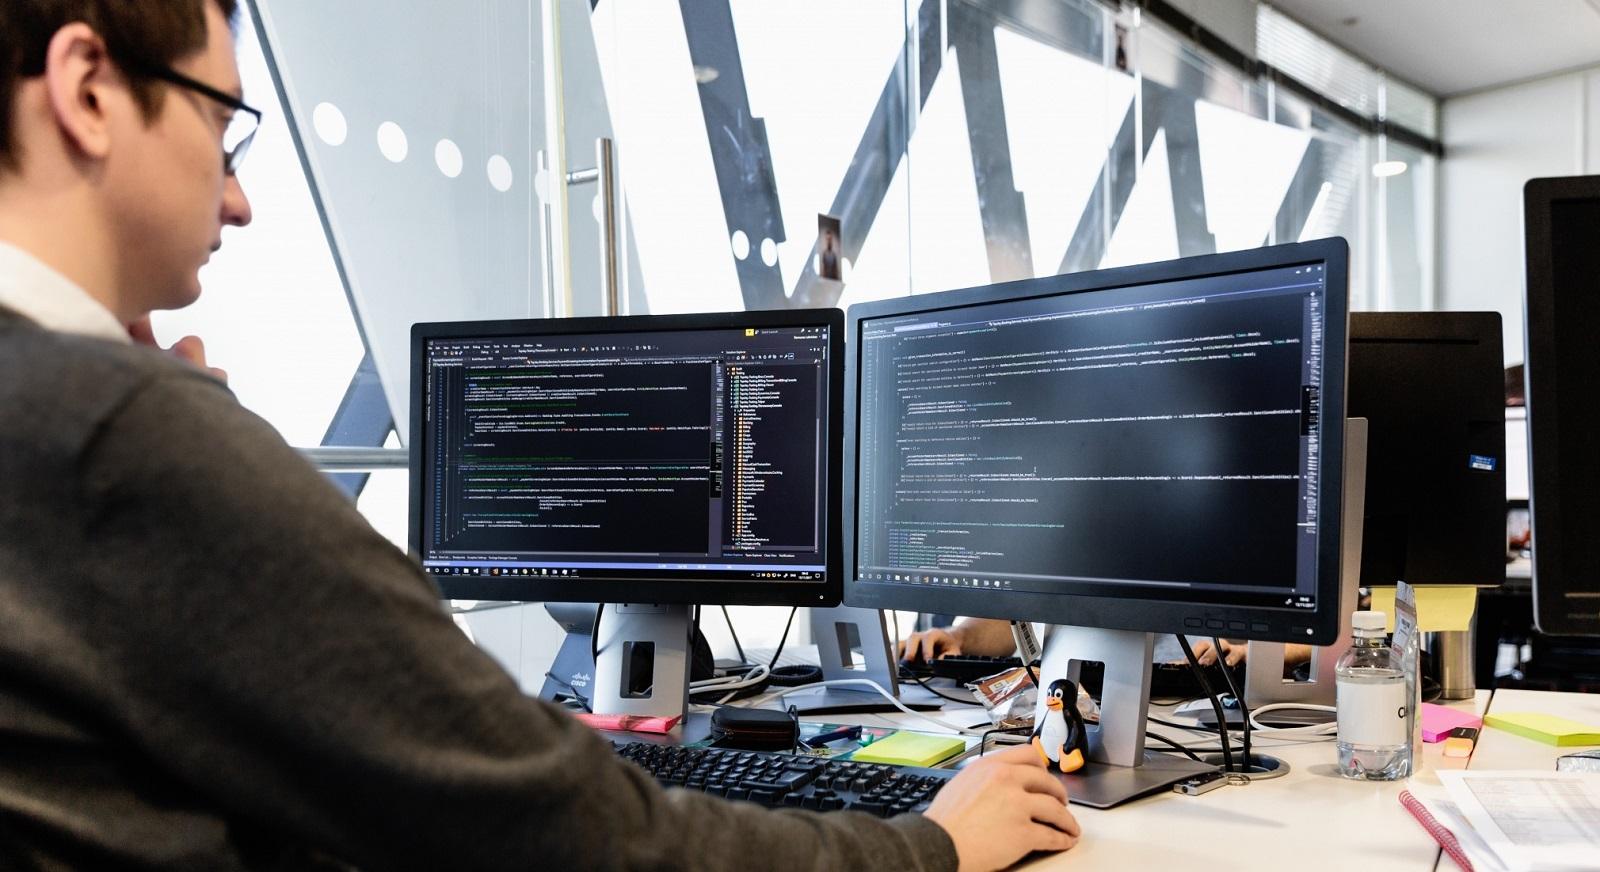 圣彼得堡国立大学本科专业《现代软件设计》详细介绍!插图-小狮座俄罗斯留学